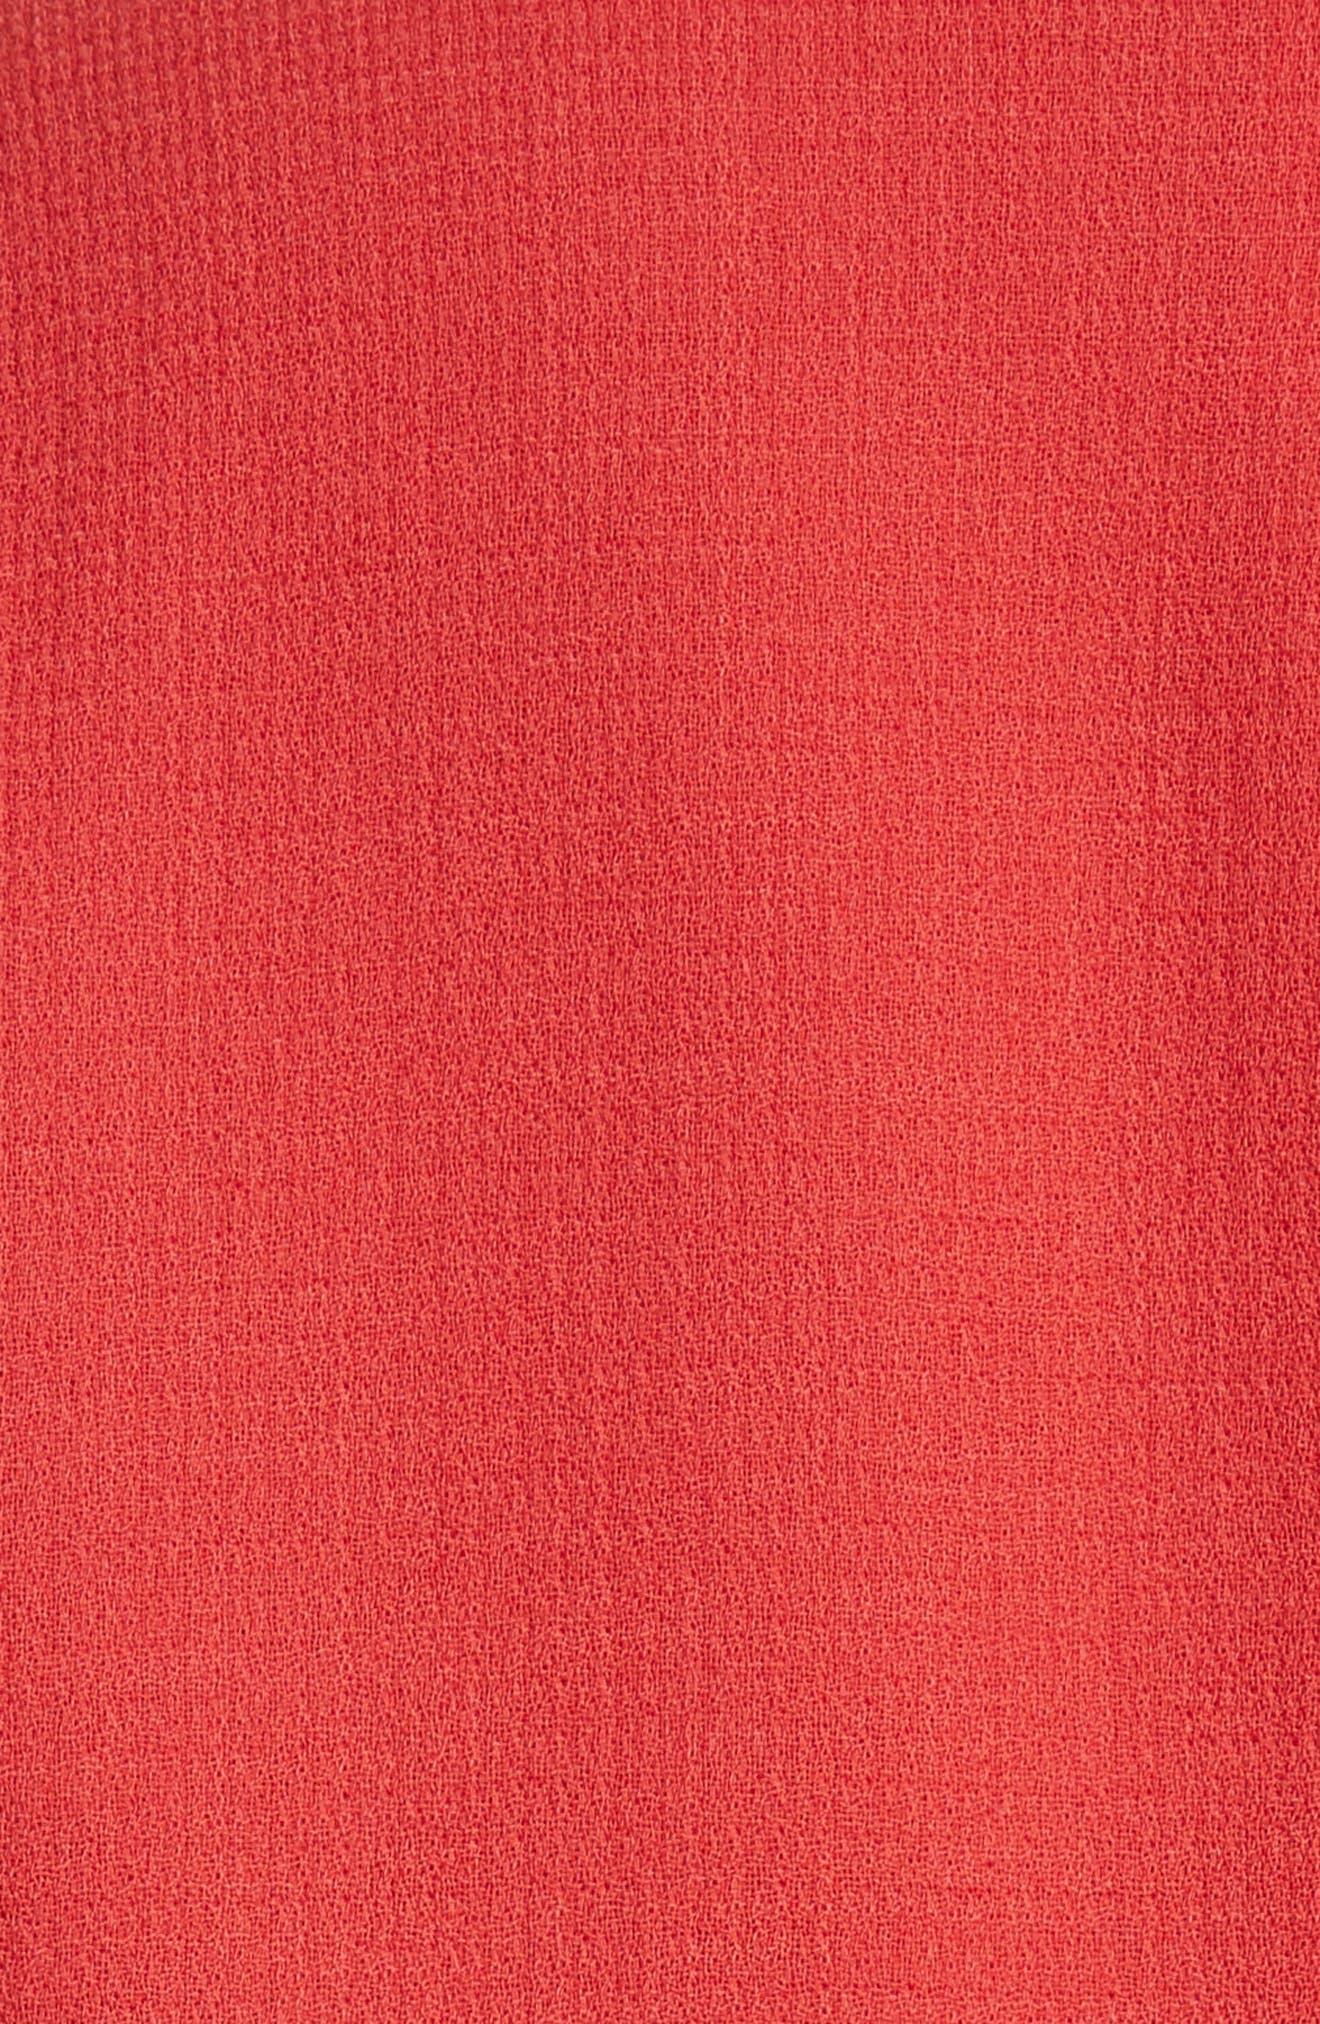 Carmelle Nouveau Crepe Jacket,                             Alternate thumbnail 7, color,                             Persimmon